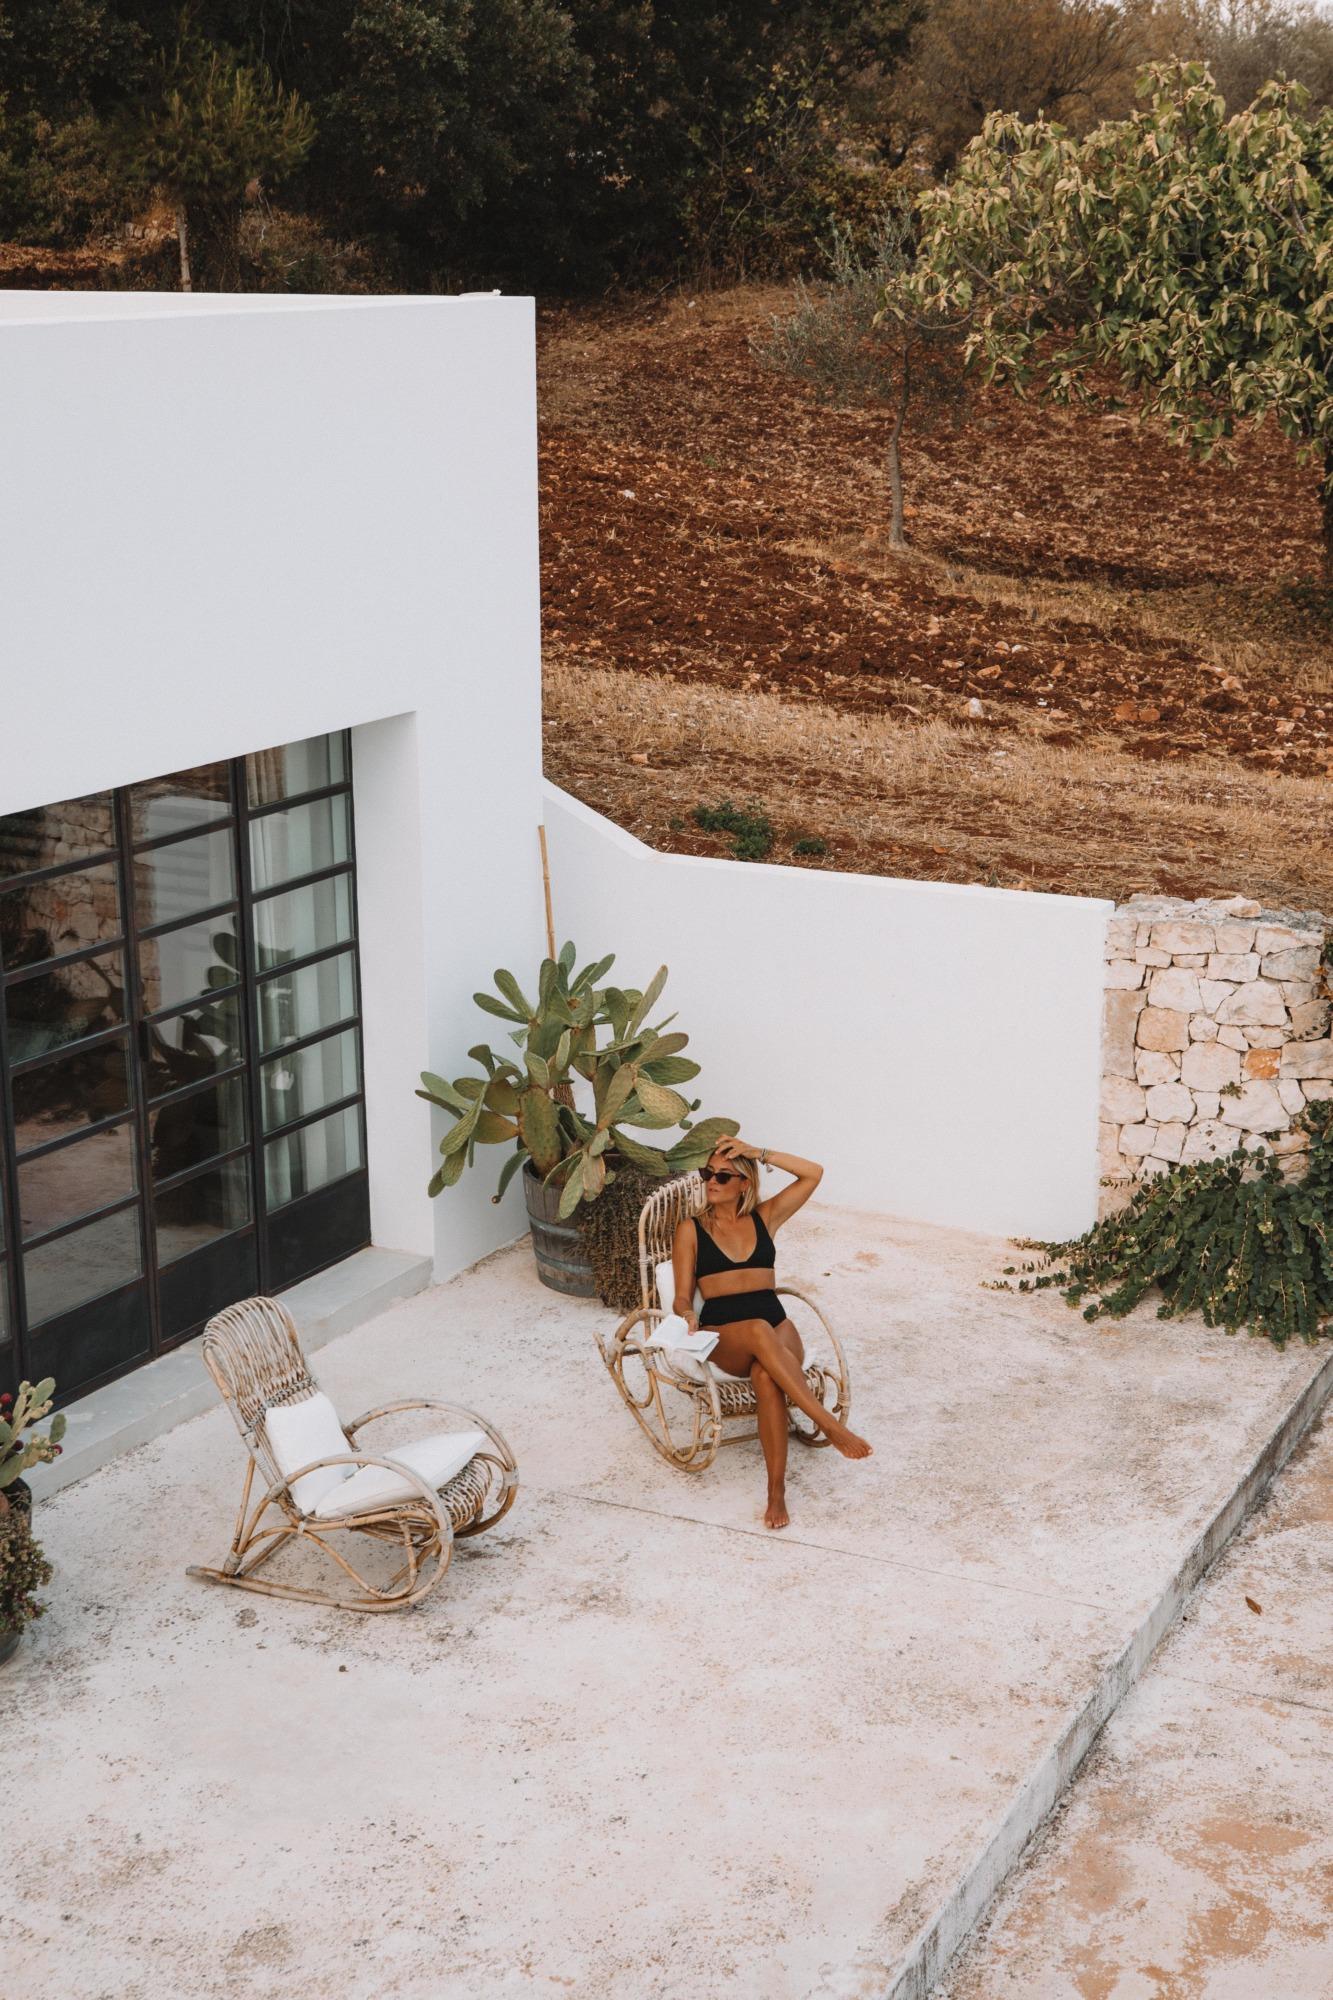 Location de villa en Italie - Blondie Baby blog voyages